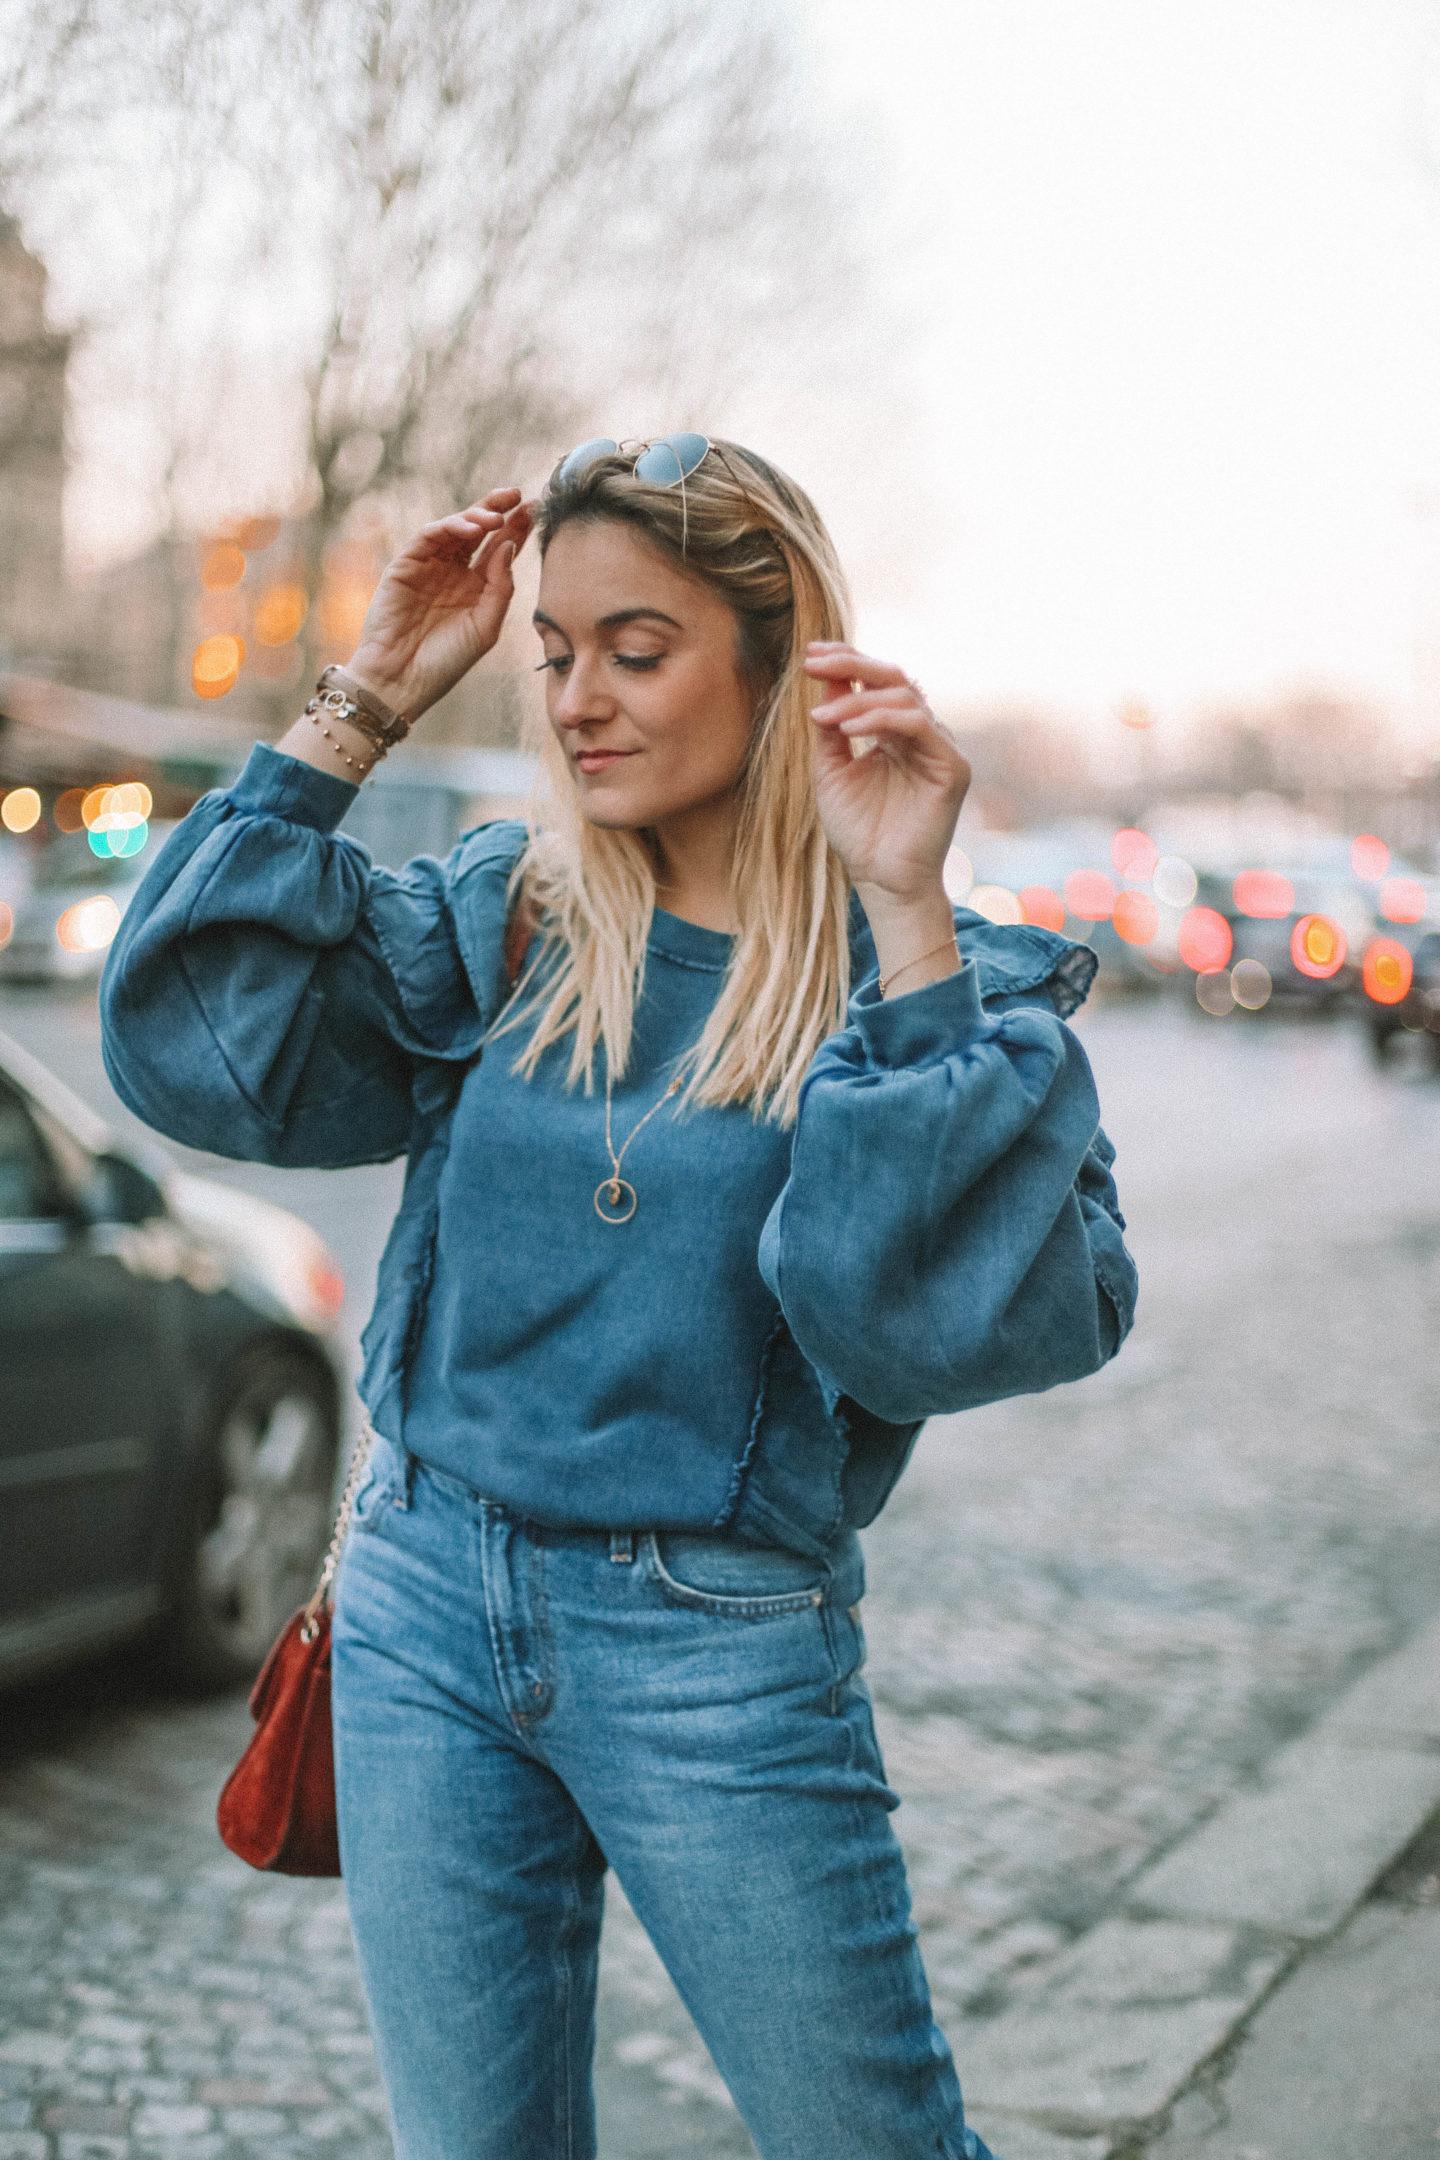 Cheveux blonds l'Oréal Professionnel - Blondie Baby blog mode & voyages